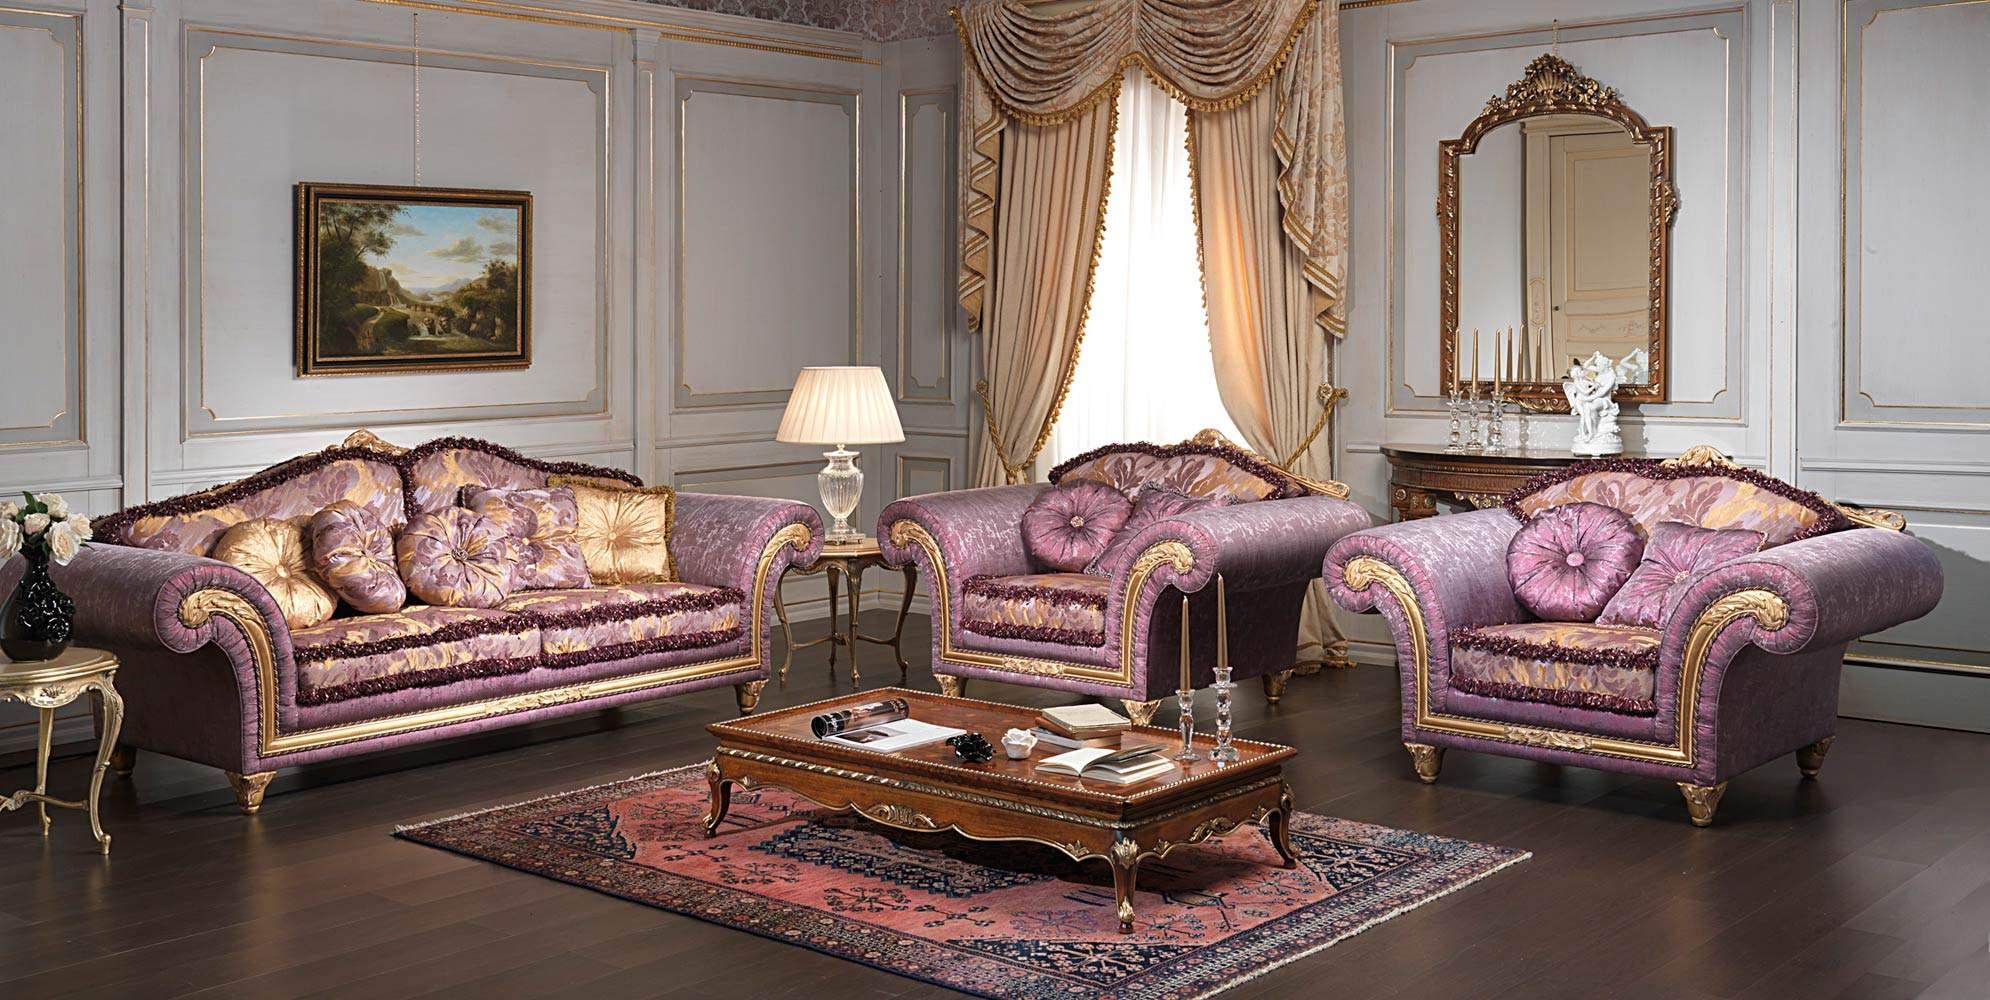 Salotto Classico Imperial Con Divano E Poltrone  Art. IM/21 #90663B 1990 1000 Cucine Classiche Di Lusso Imperial